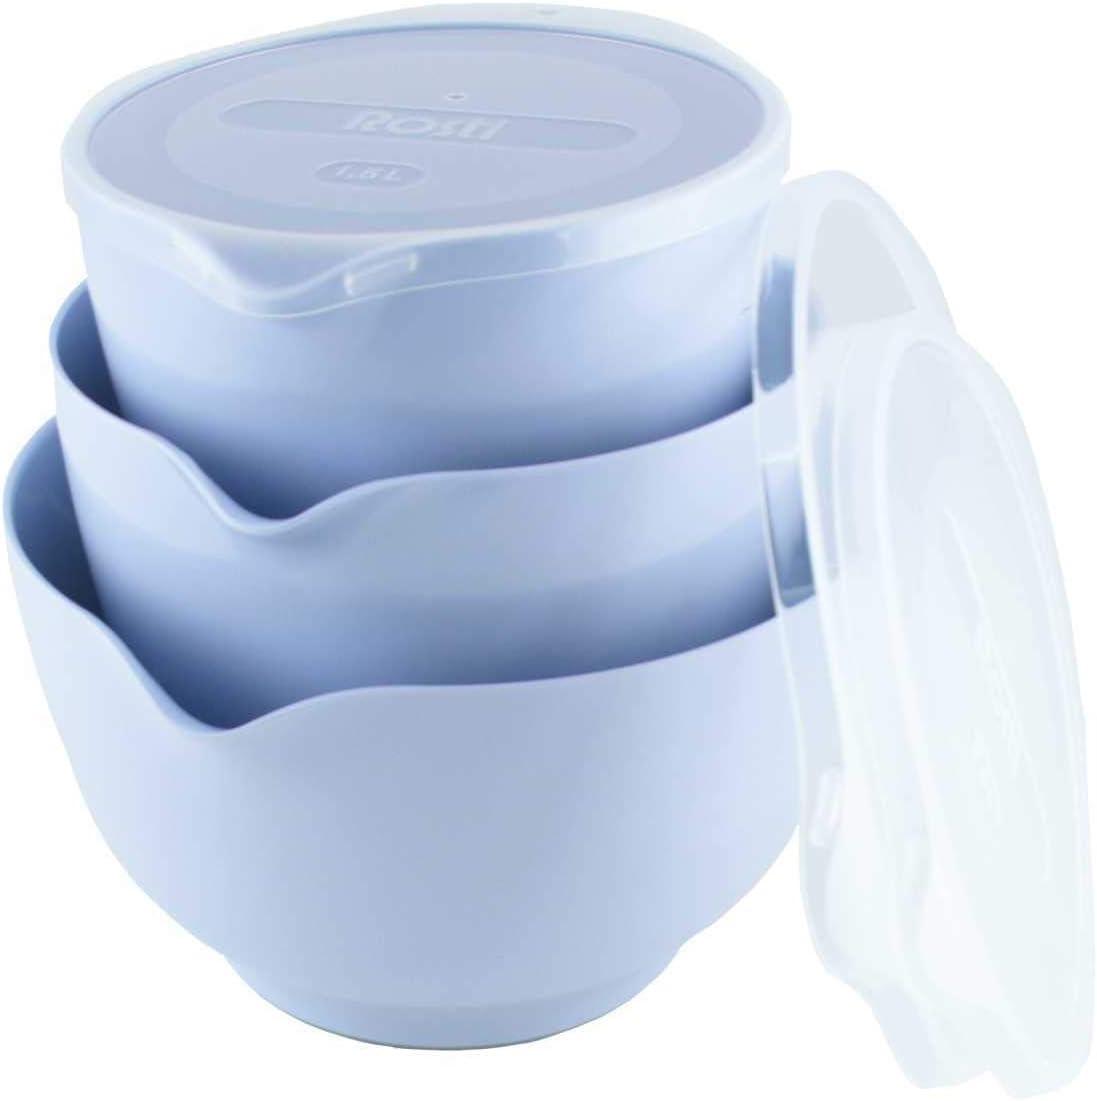 3 unidades, aprox. 1,5 + 2 + 3 L color azul Rosti Margreth Nordic RO-245293 8711269947976 Juego de cuencos